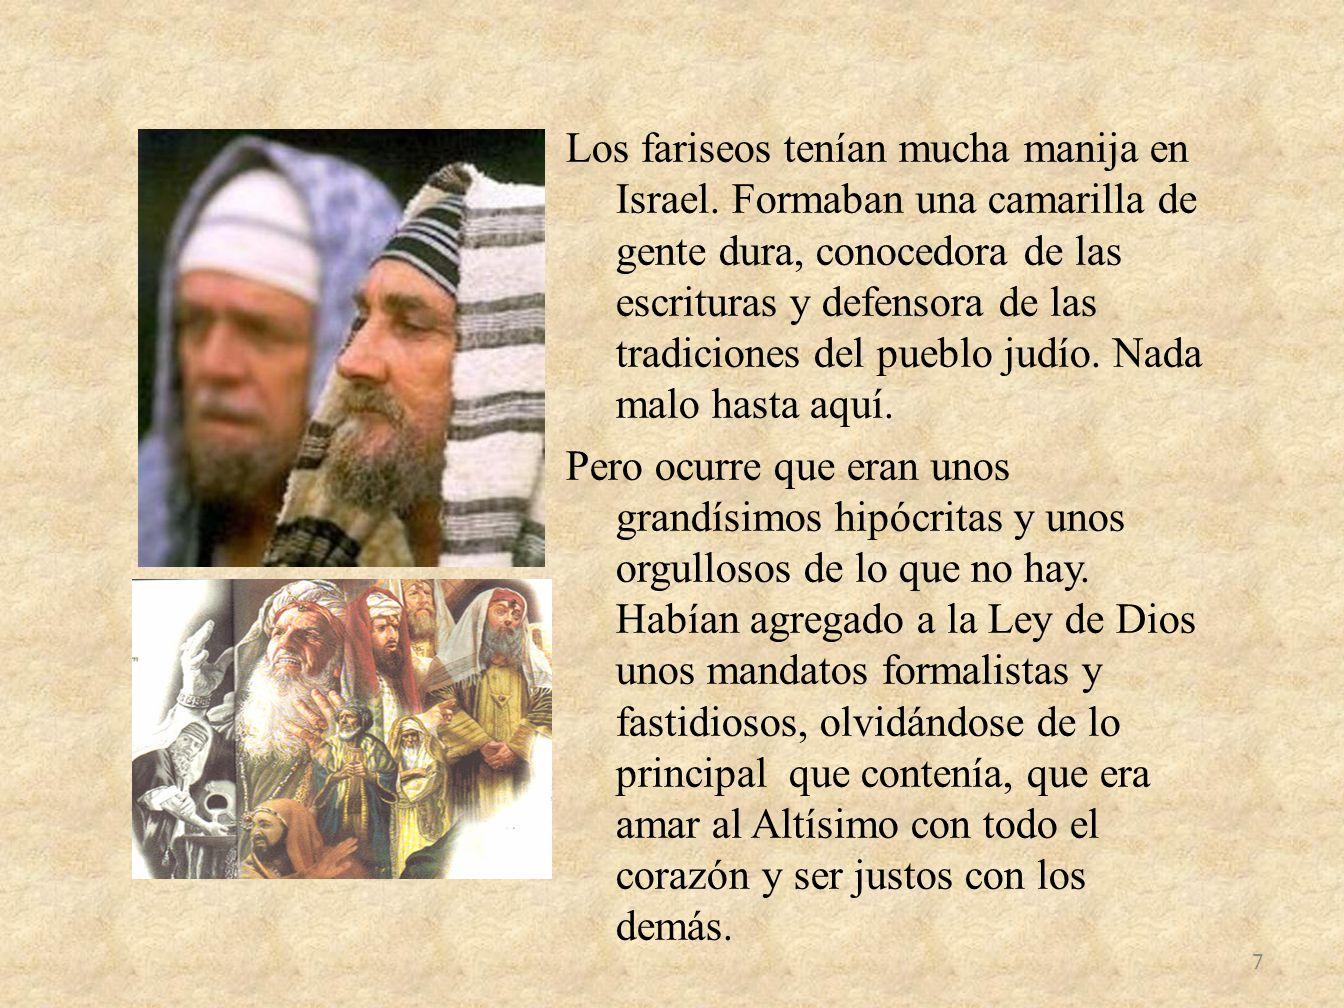 Los fariseos tenían mucha manija en Israel. Formaban una camarilla de gente dura, conocedora de las escrituras y defensora de las tradiciones del pueb